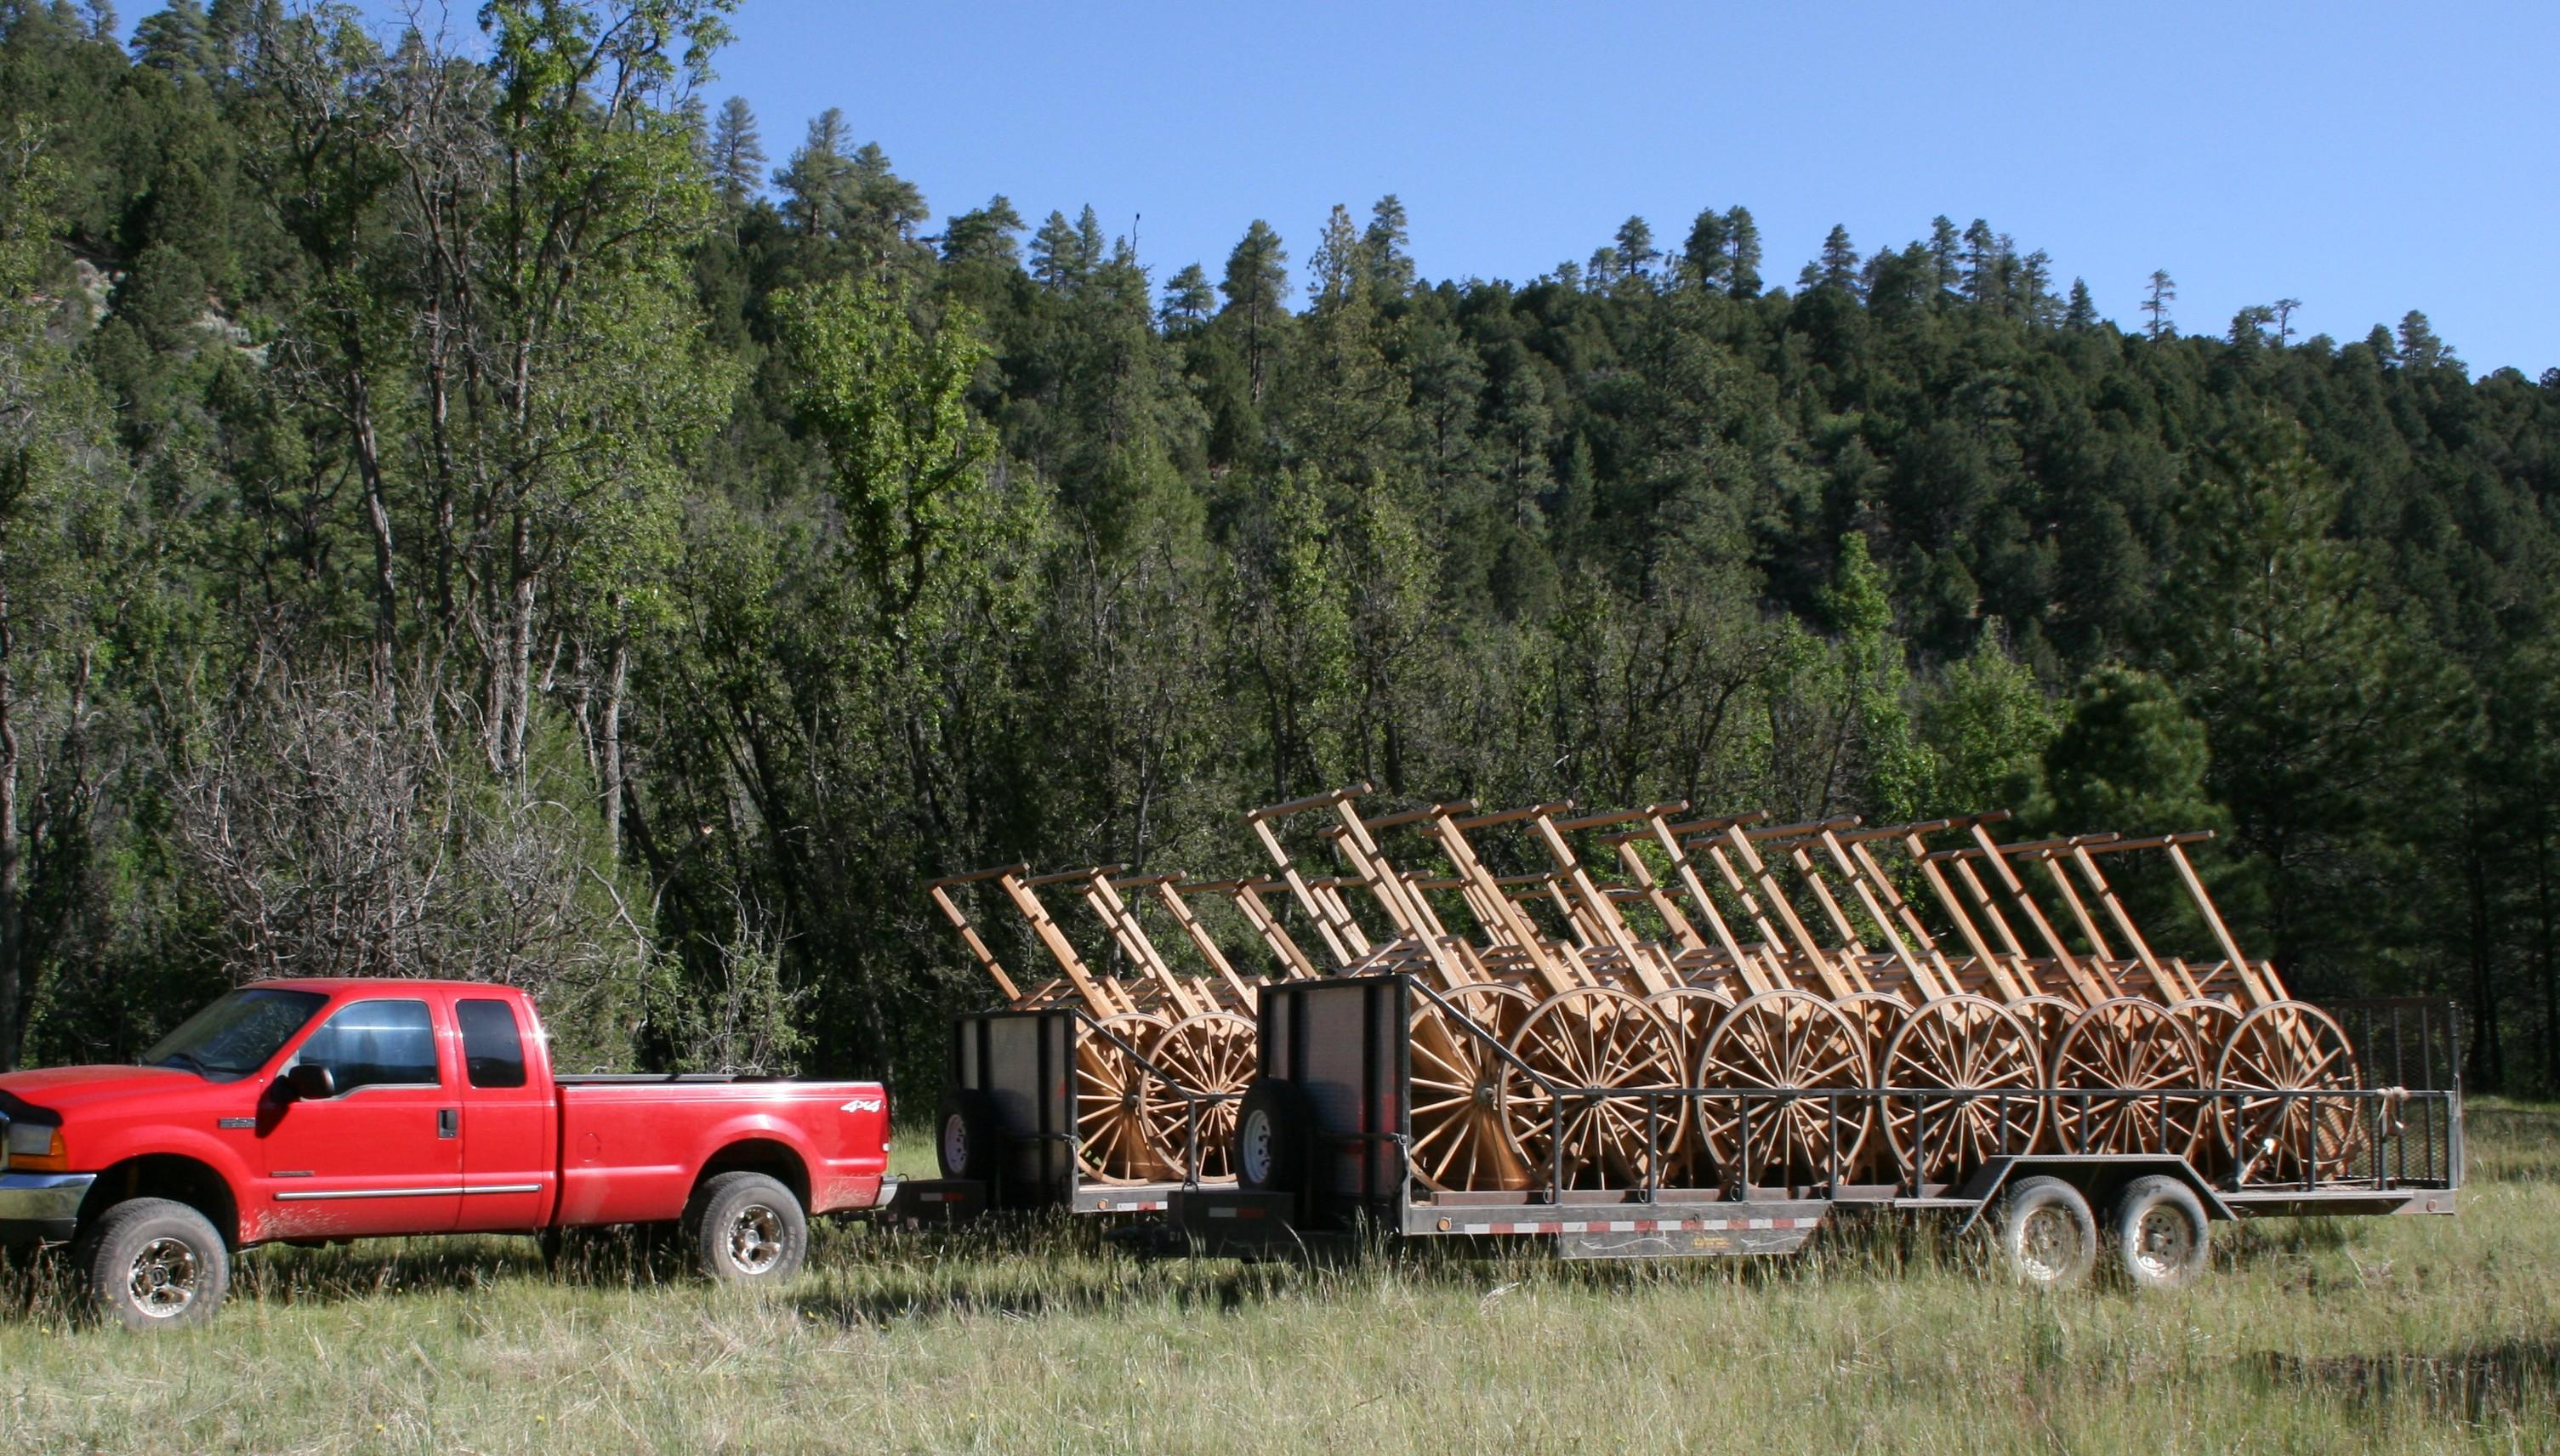 mormon handcarts